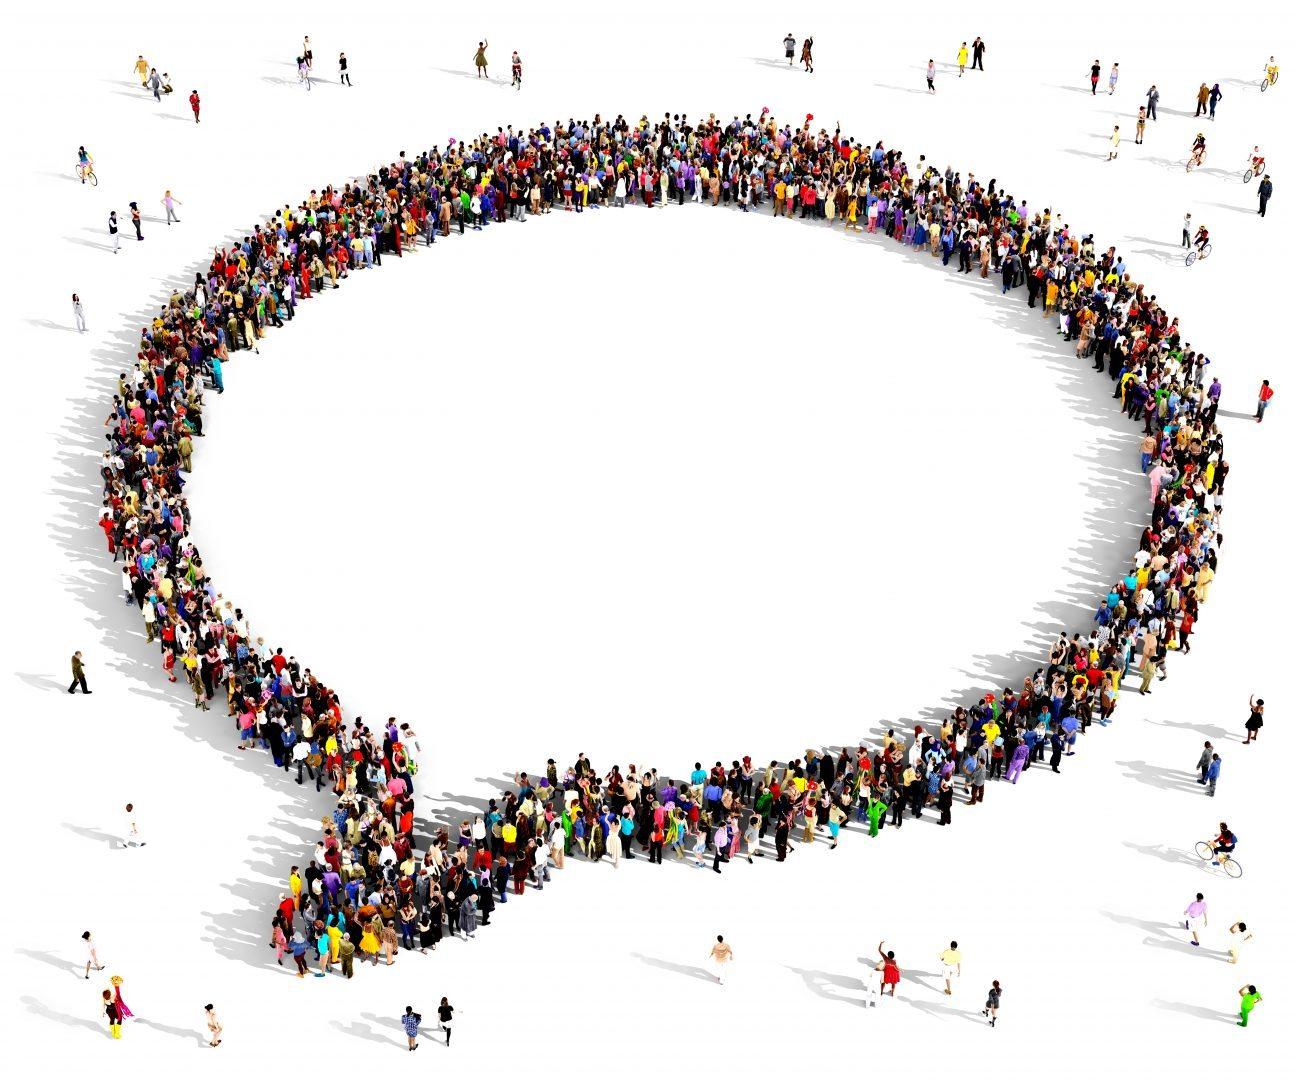 En grupp människor format som en pratbubbla